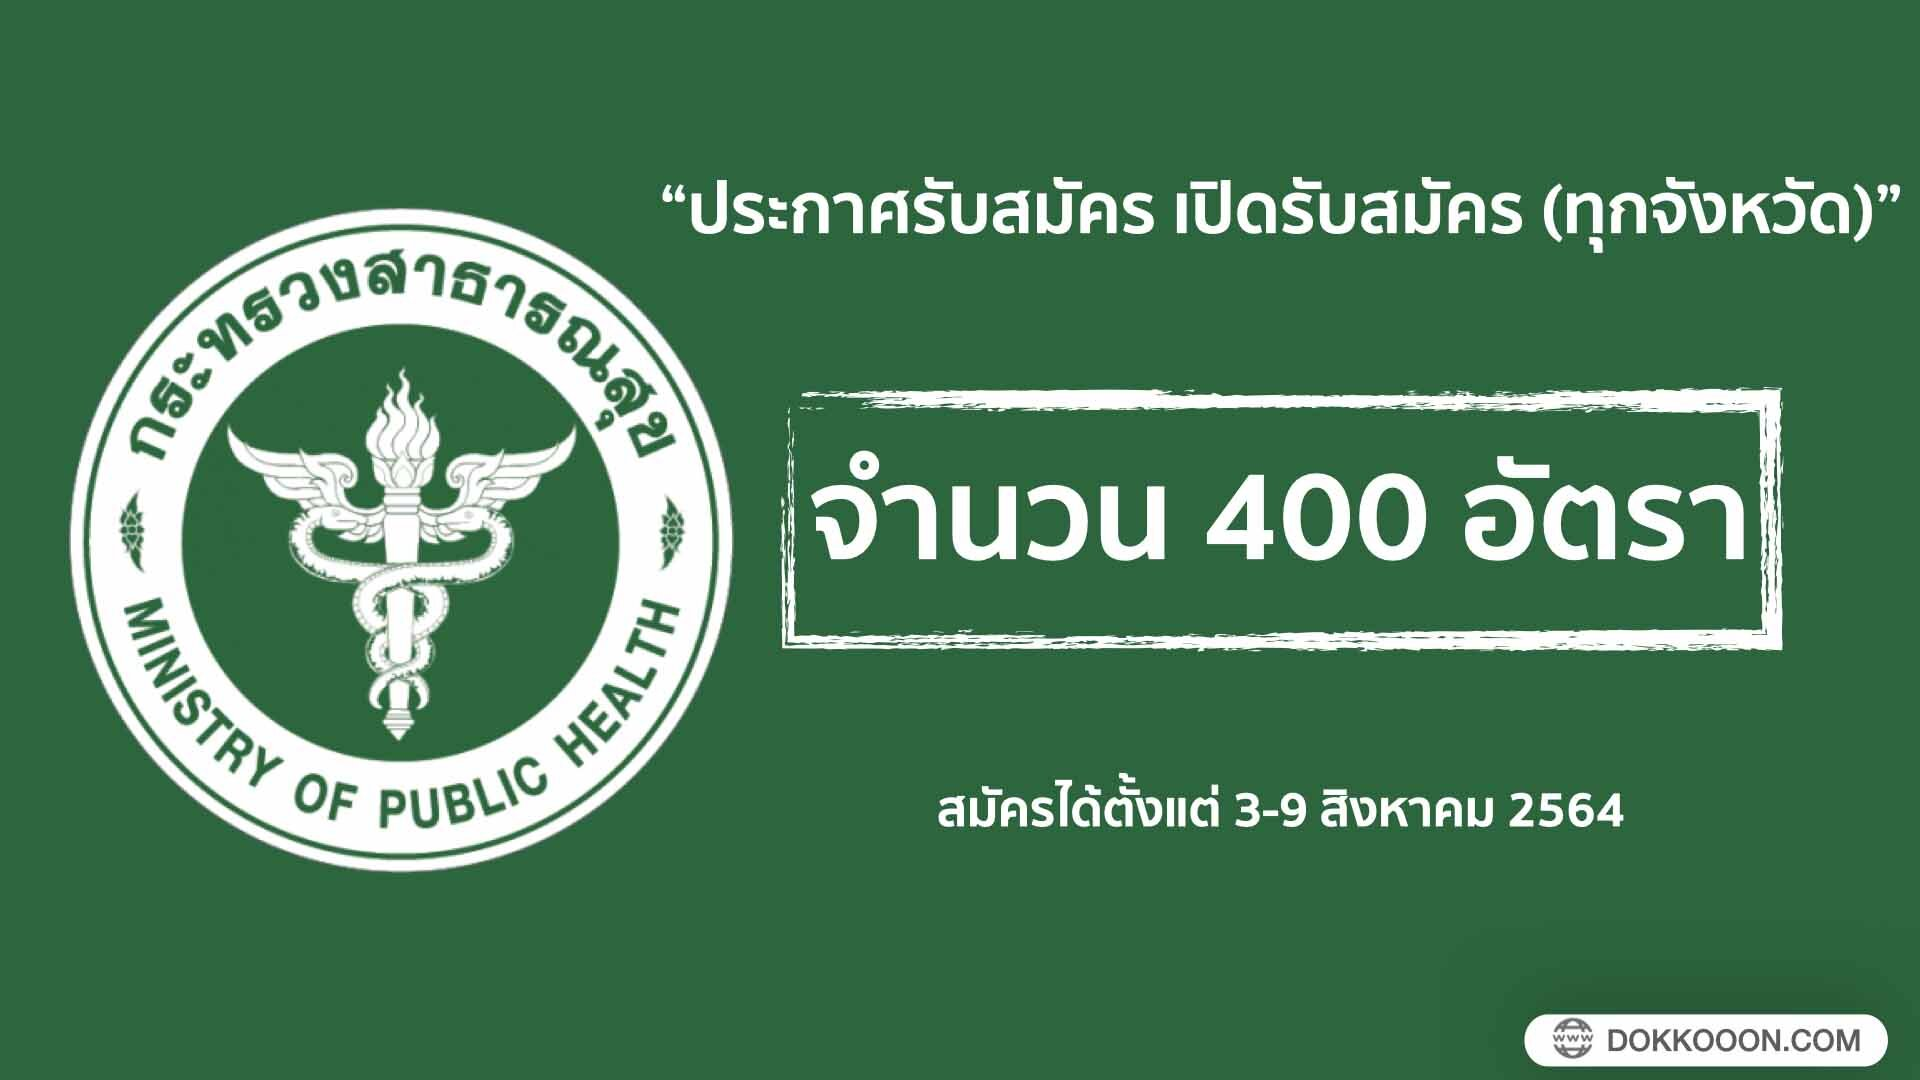 สำนักงานปลัดกระทรวงสาธารณสุข ประกาศรับสมัคร 400 อัตรา 2564